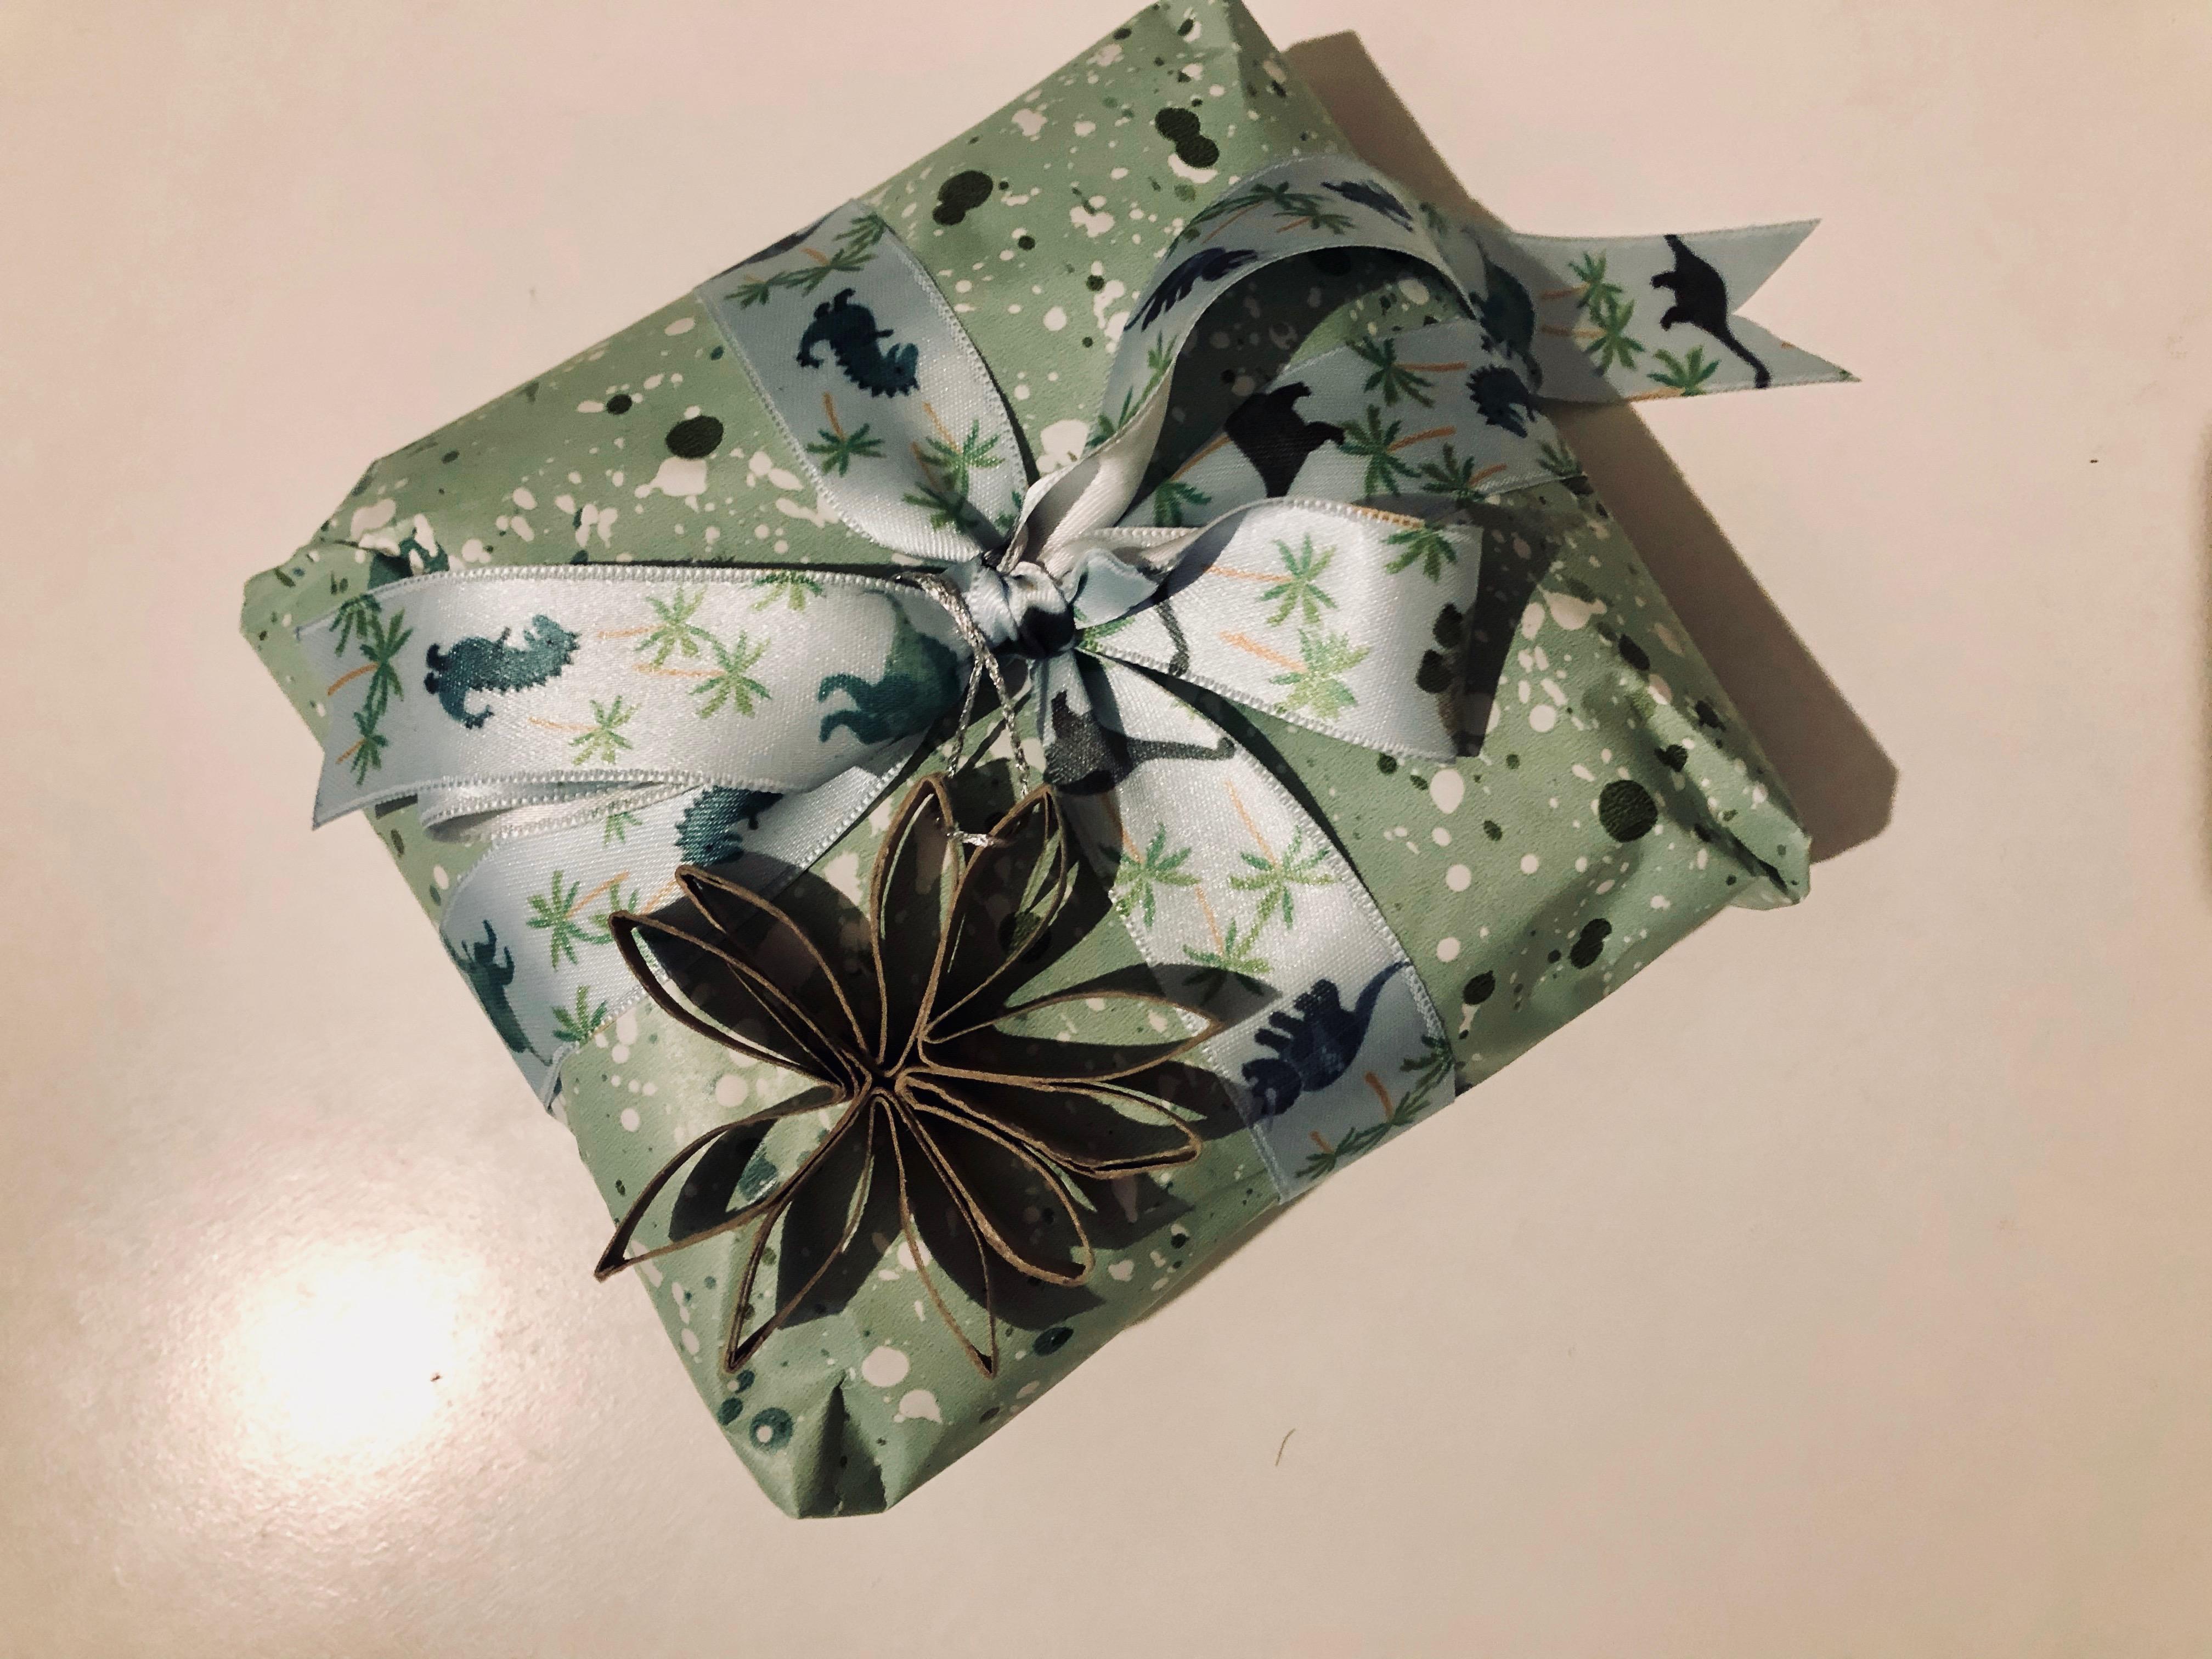 Die Last Minute Weihnachtsdeko eignet sich auch super als Geschenkanhänger. -Fotocredits: Lisa Radda